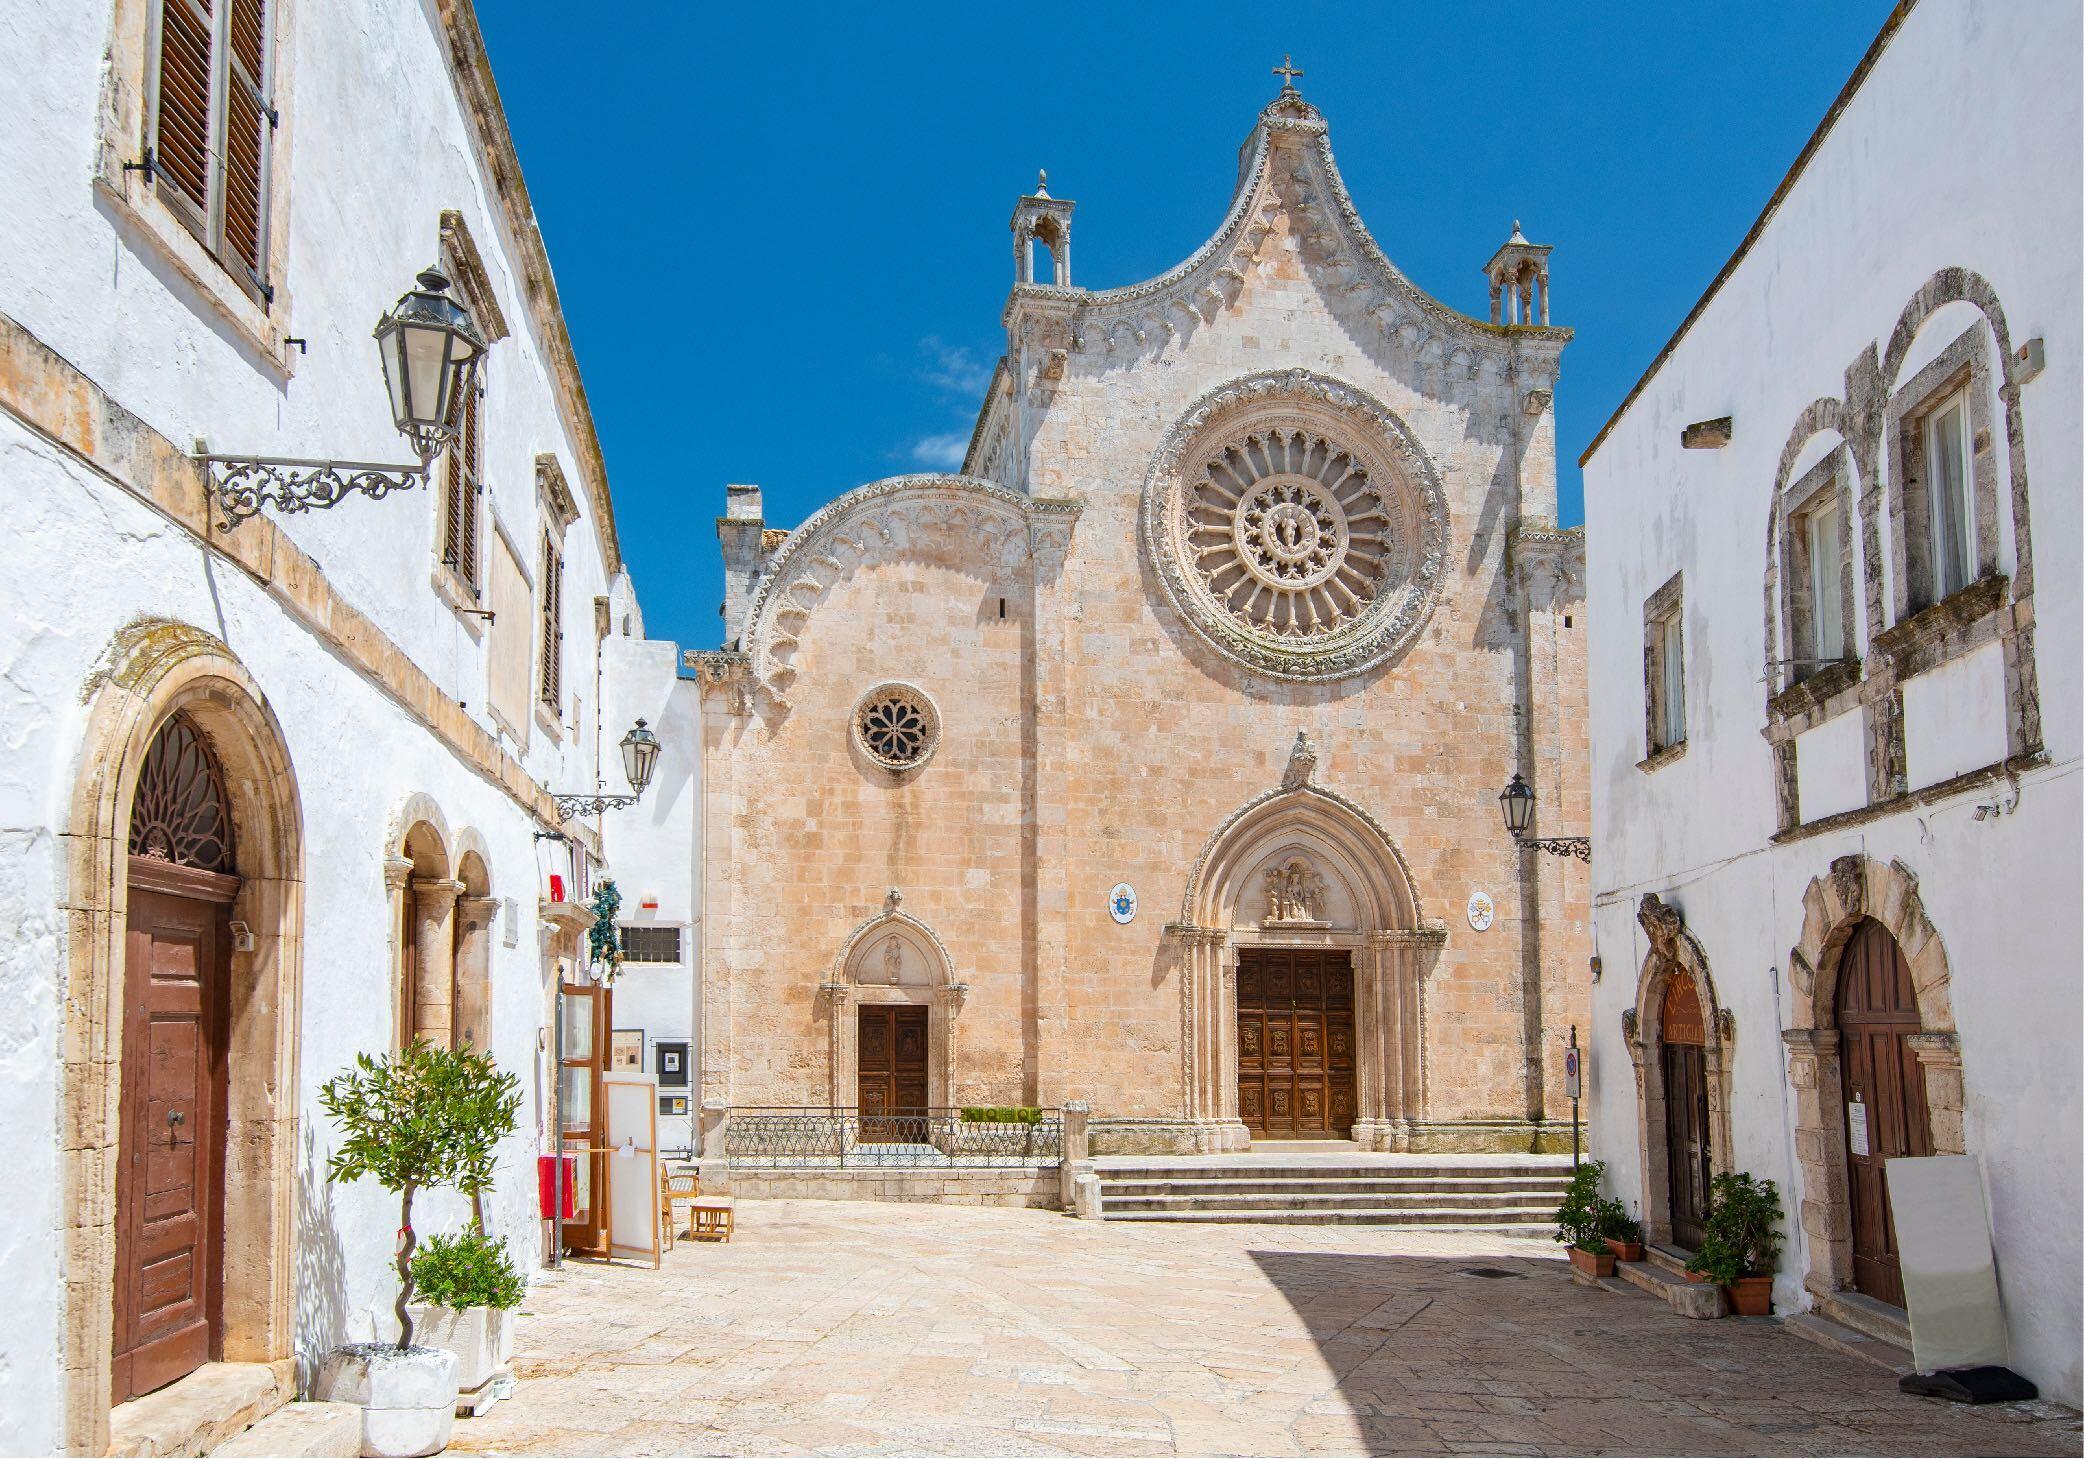 cattedrale-gotica-ostuni